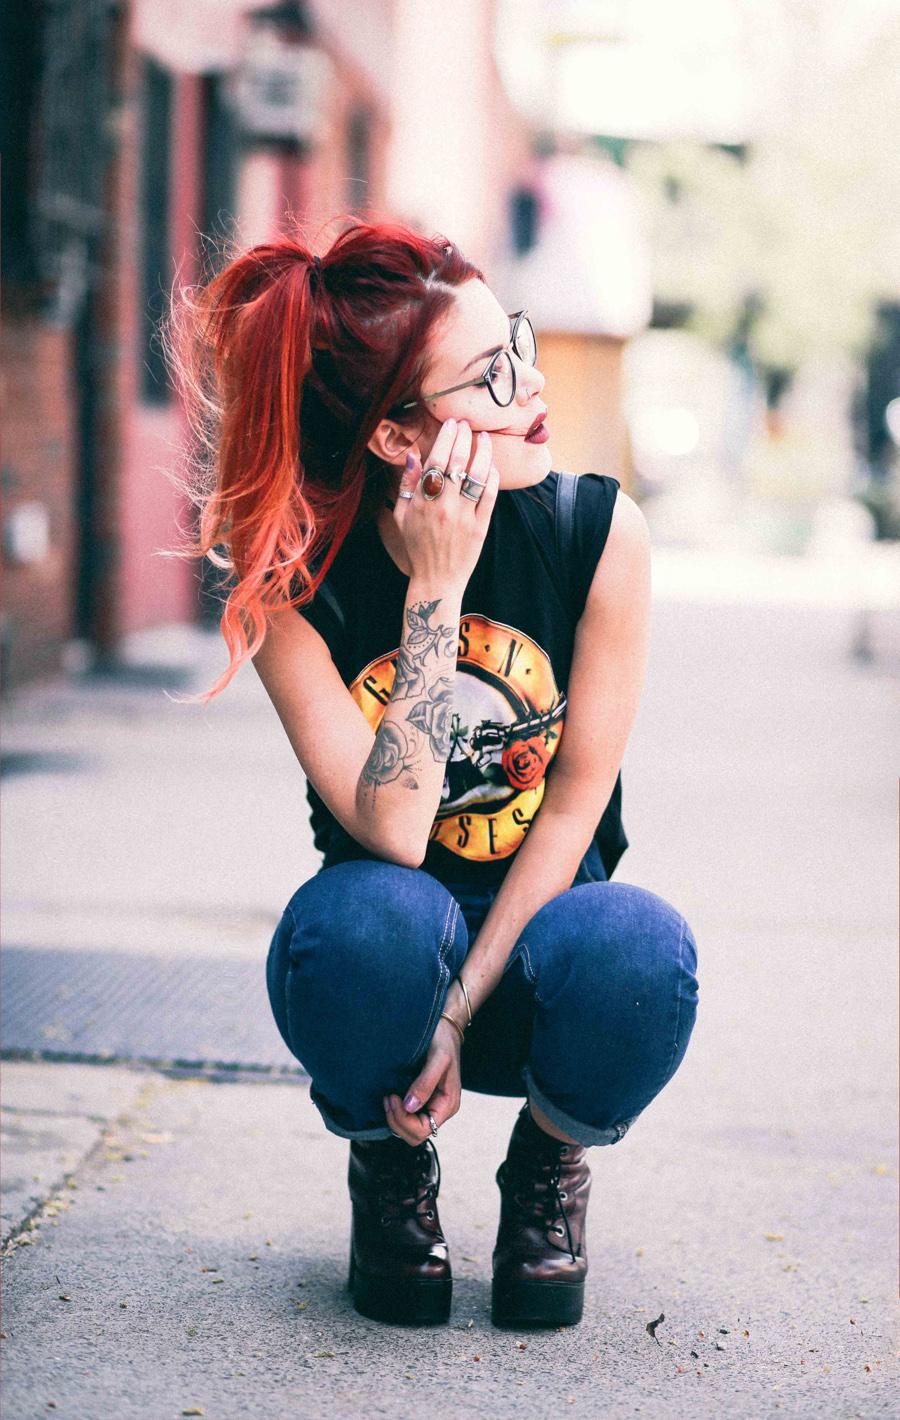 Le Happy wearing Guns n Roses tee